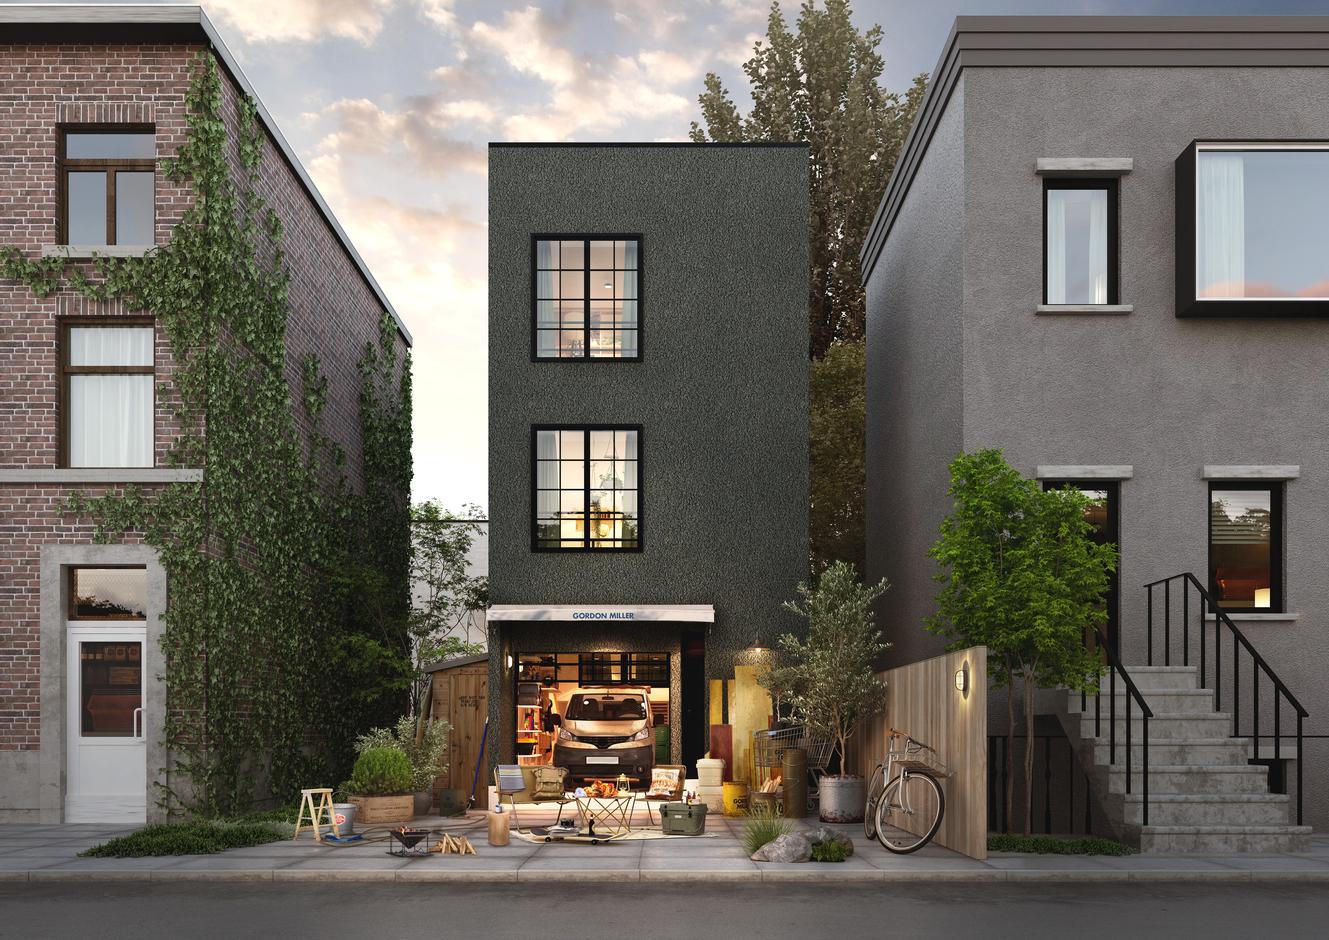 限られた敷地でも建てられるコンパクトな3階建てプラン。